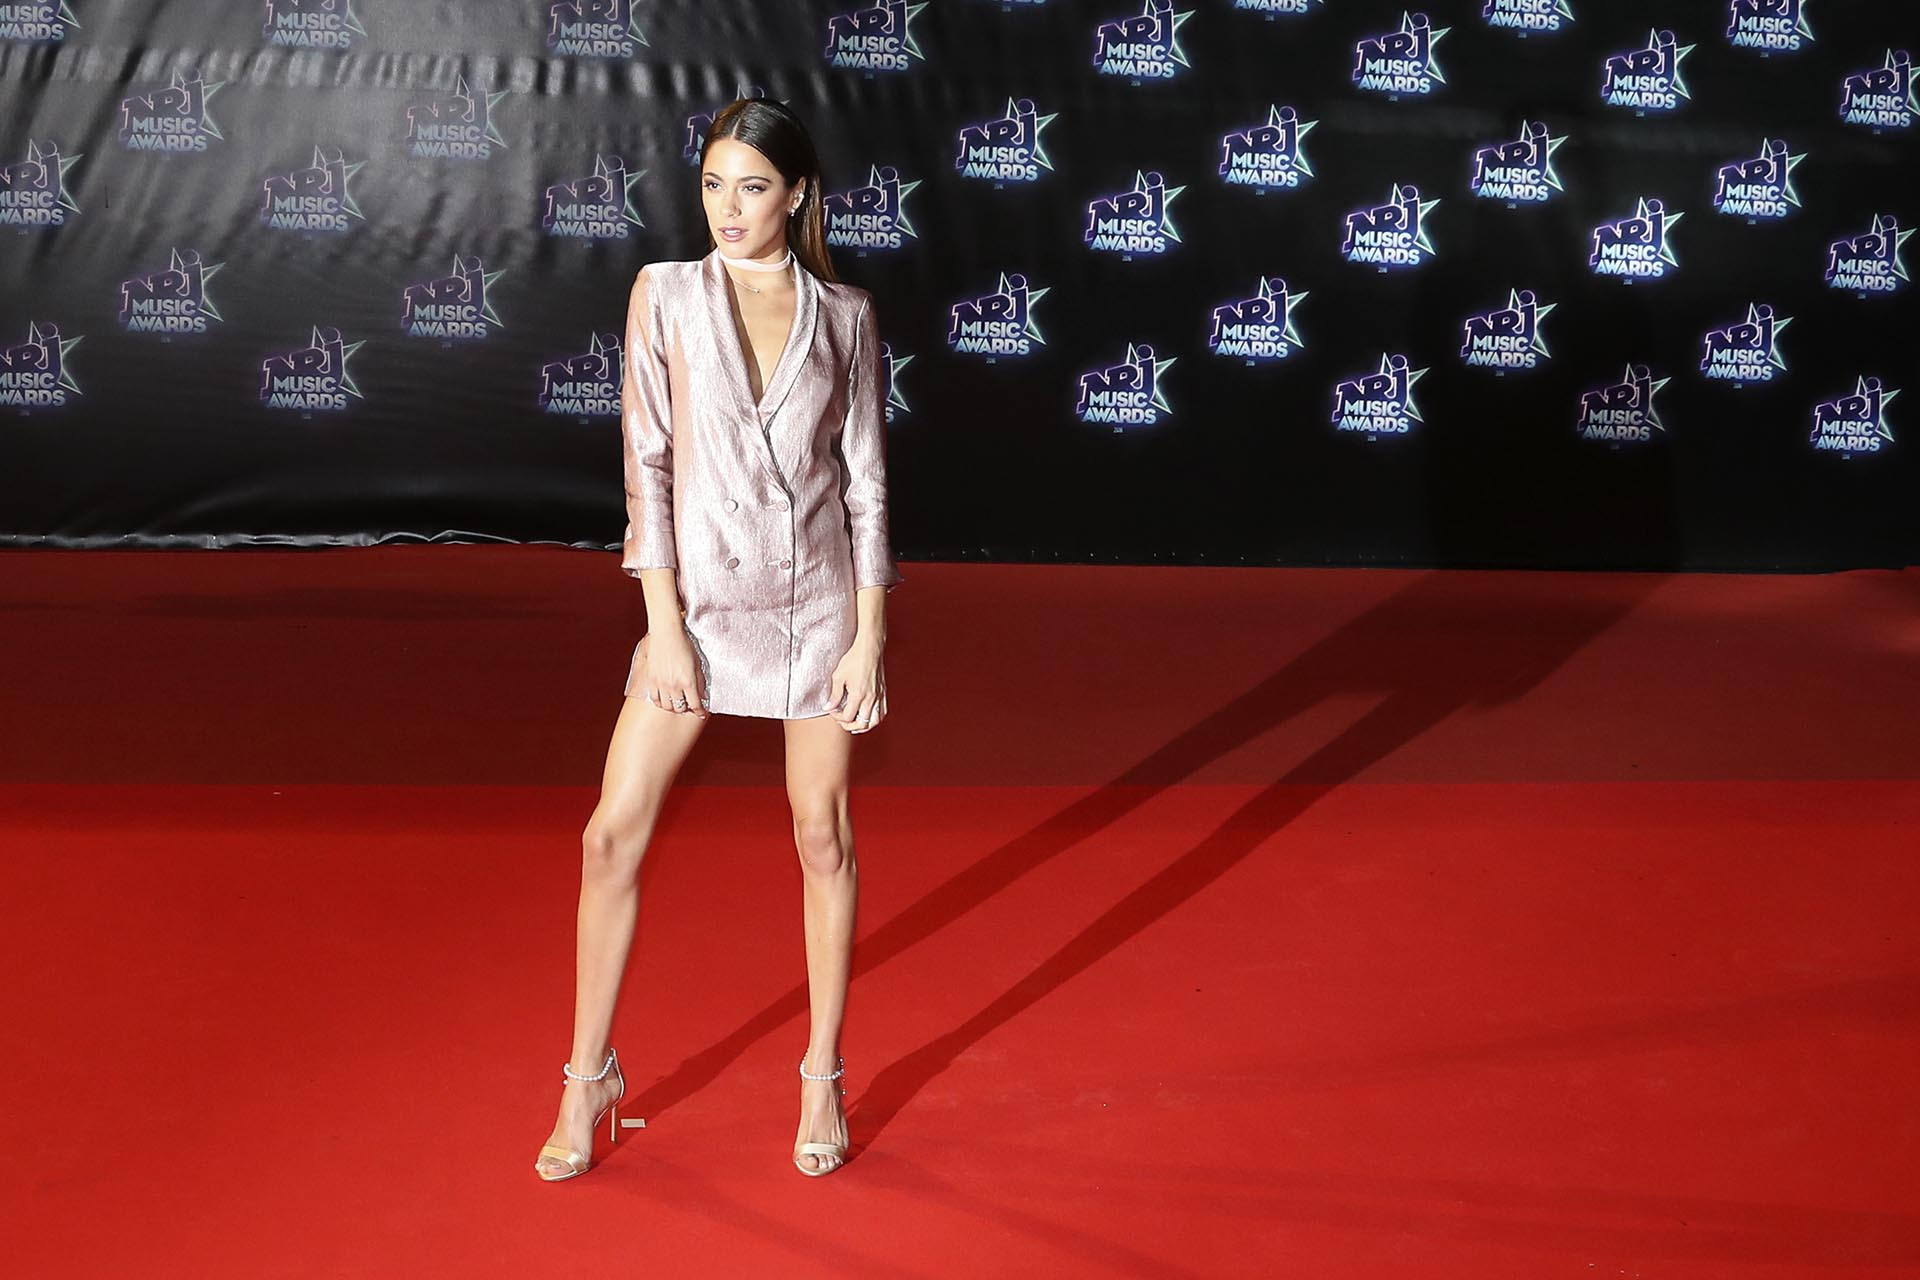 La actriz y cantante argentina lució fabulosa con un vestido metalizado tipo blazer y sandalias nude con perlas en sus tobillos